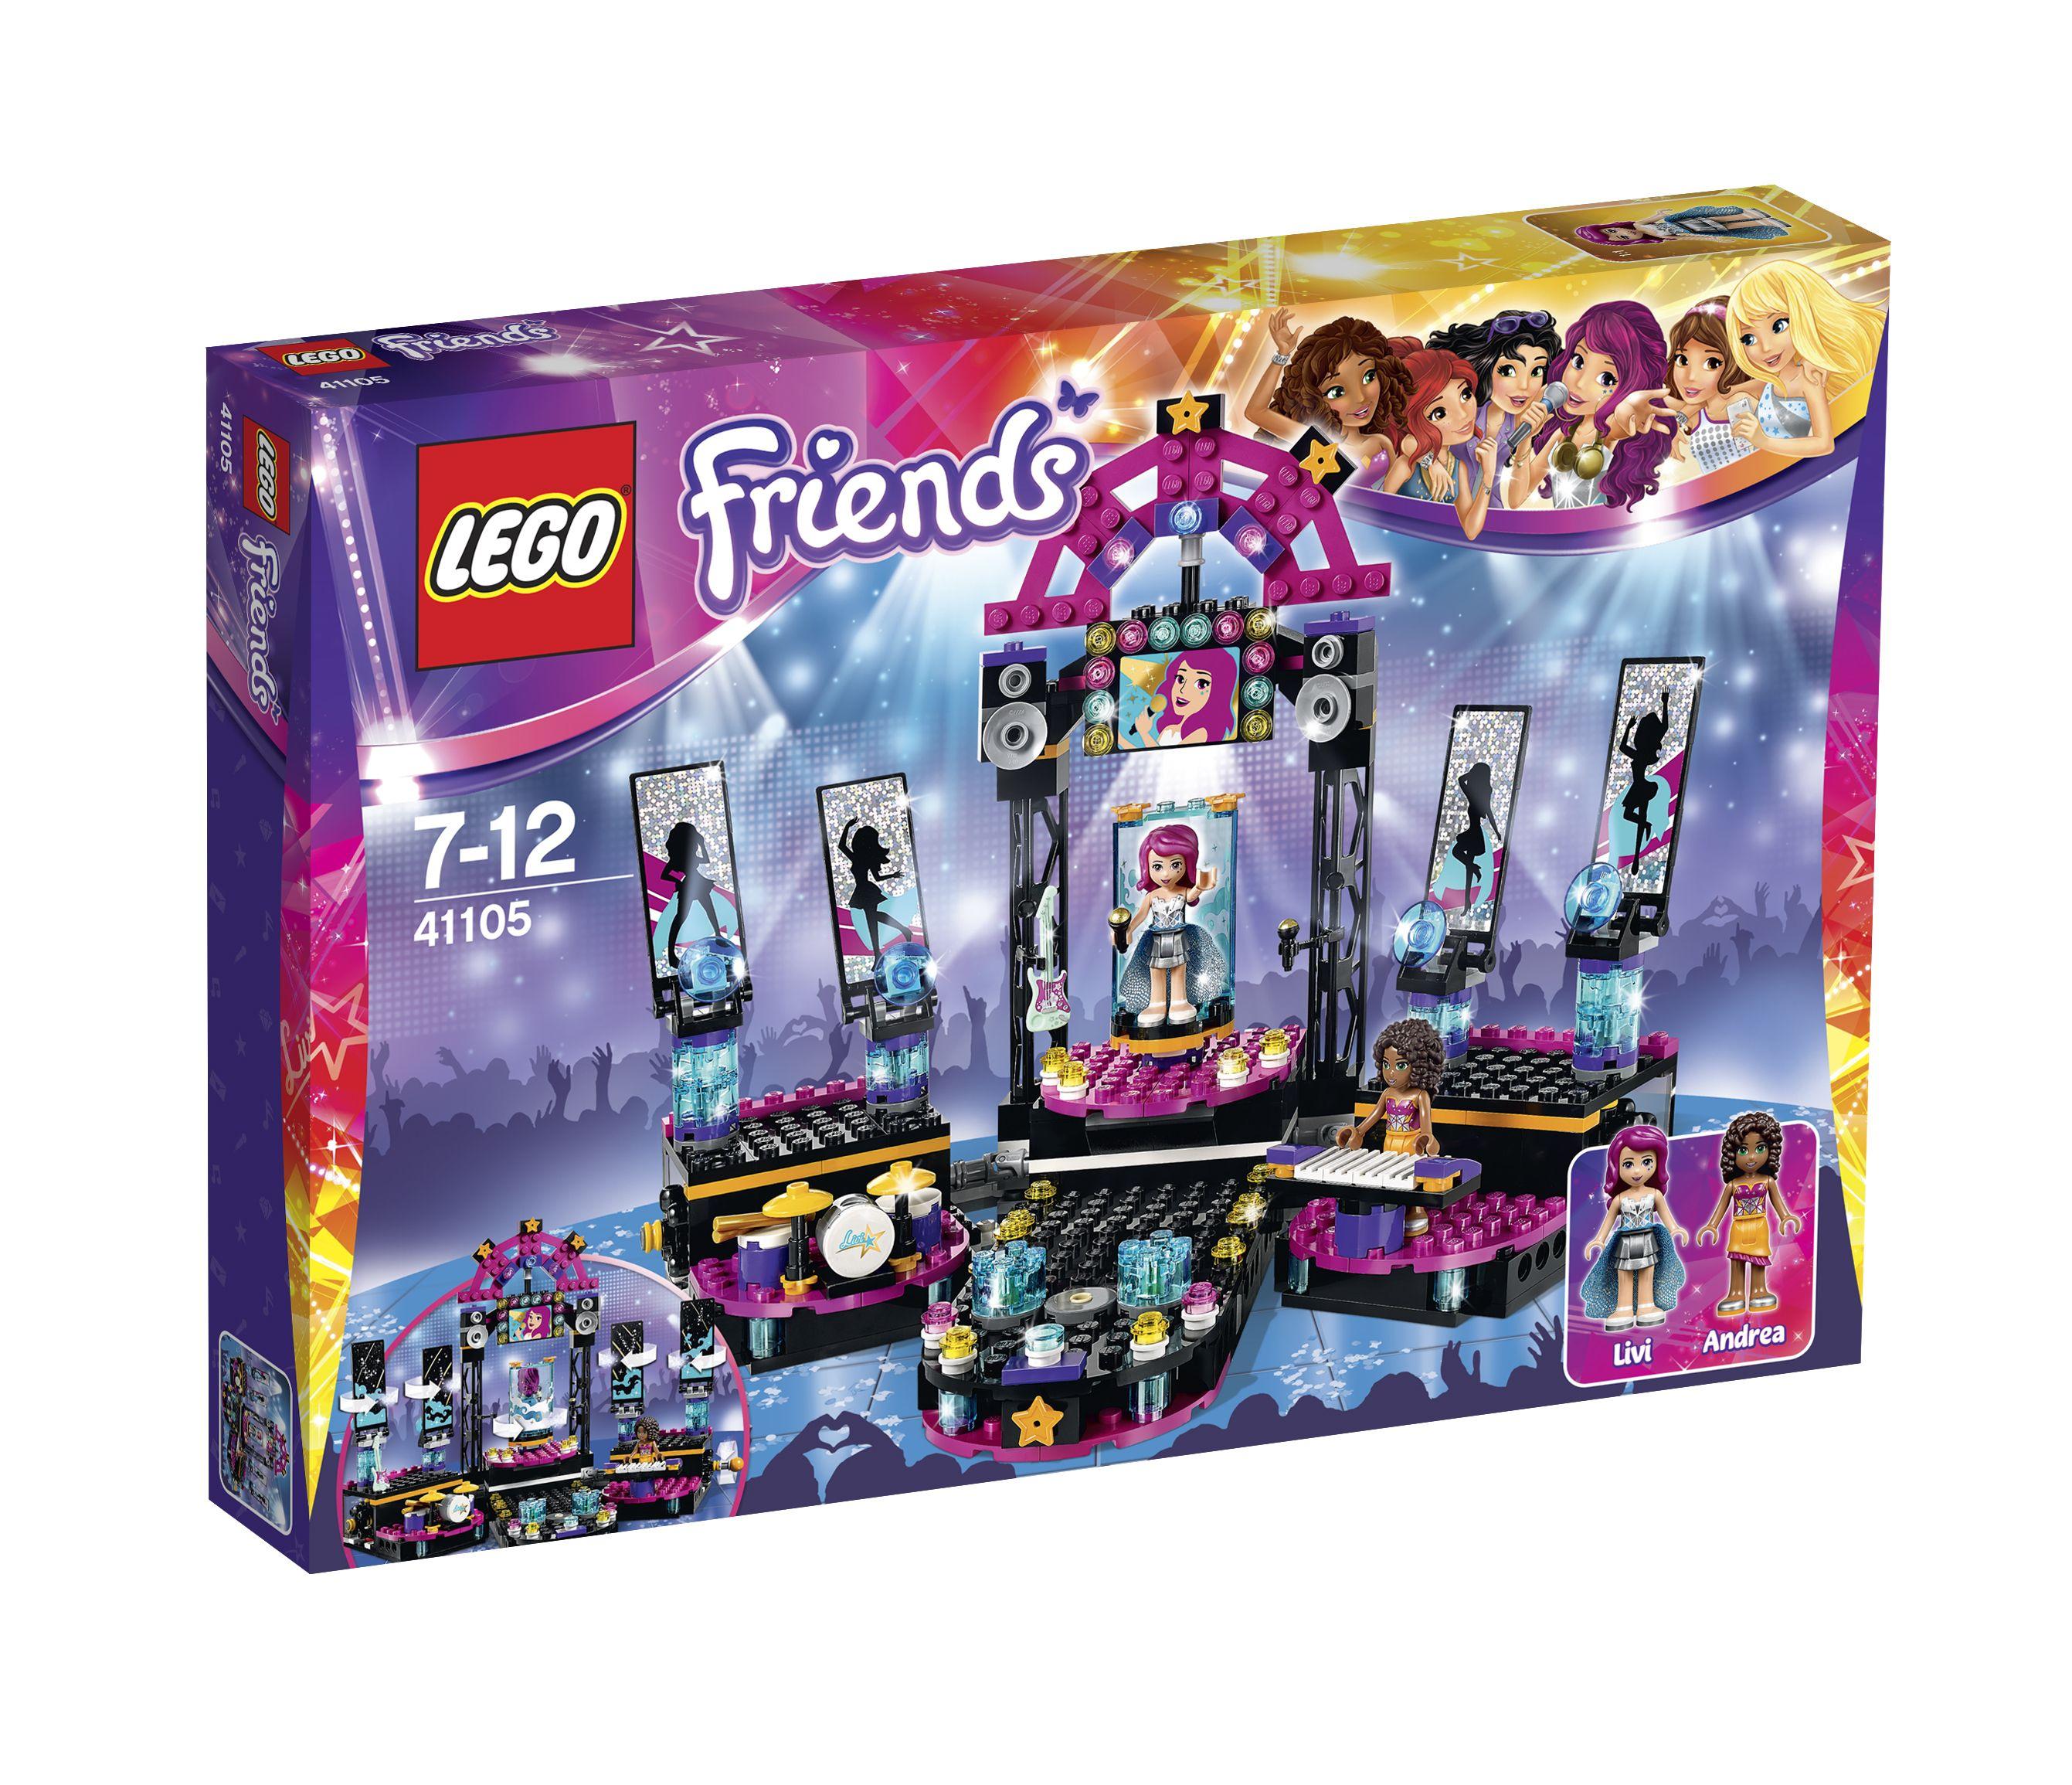 LEGO Friends Popstar Showbühne 41105 Verpackung